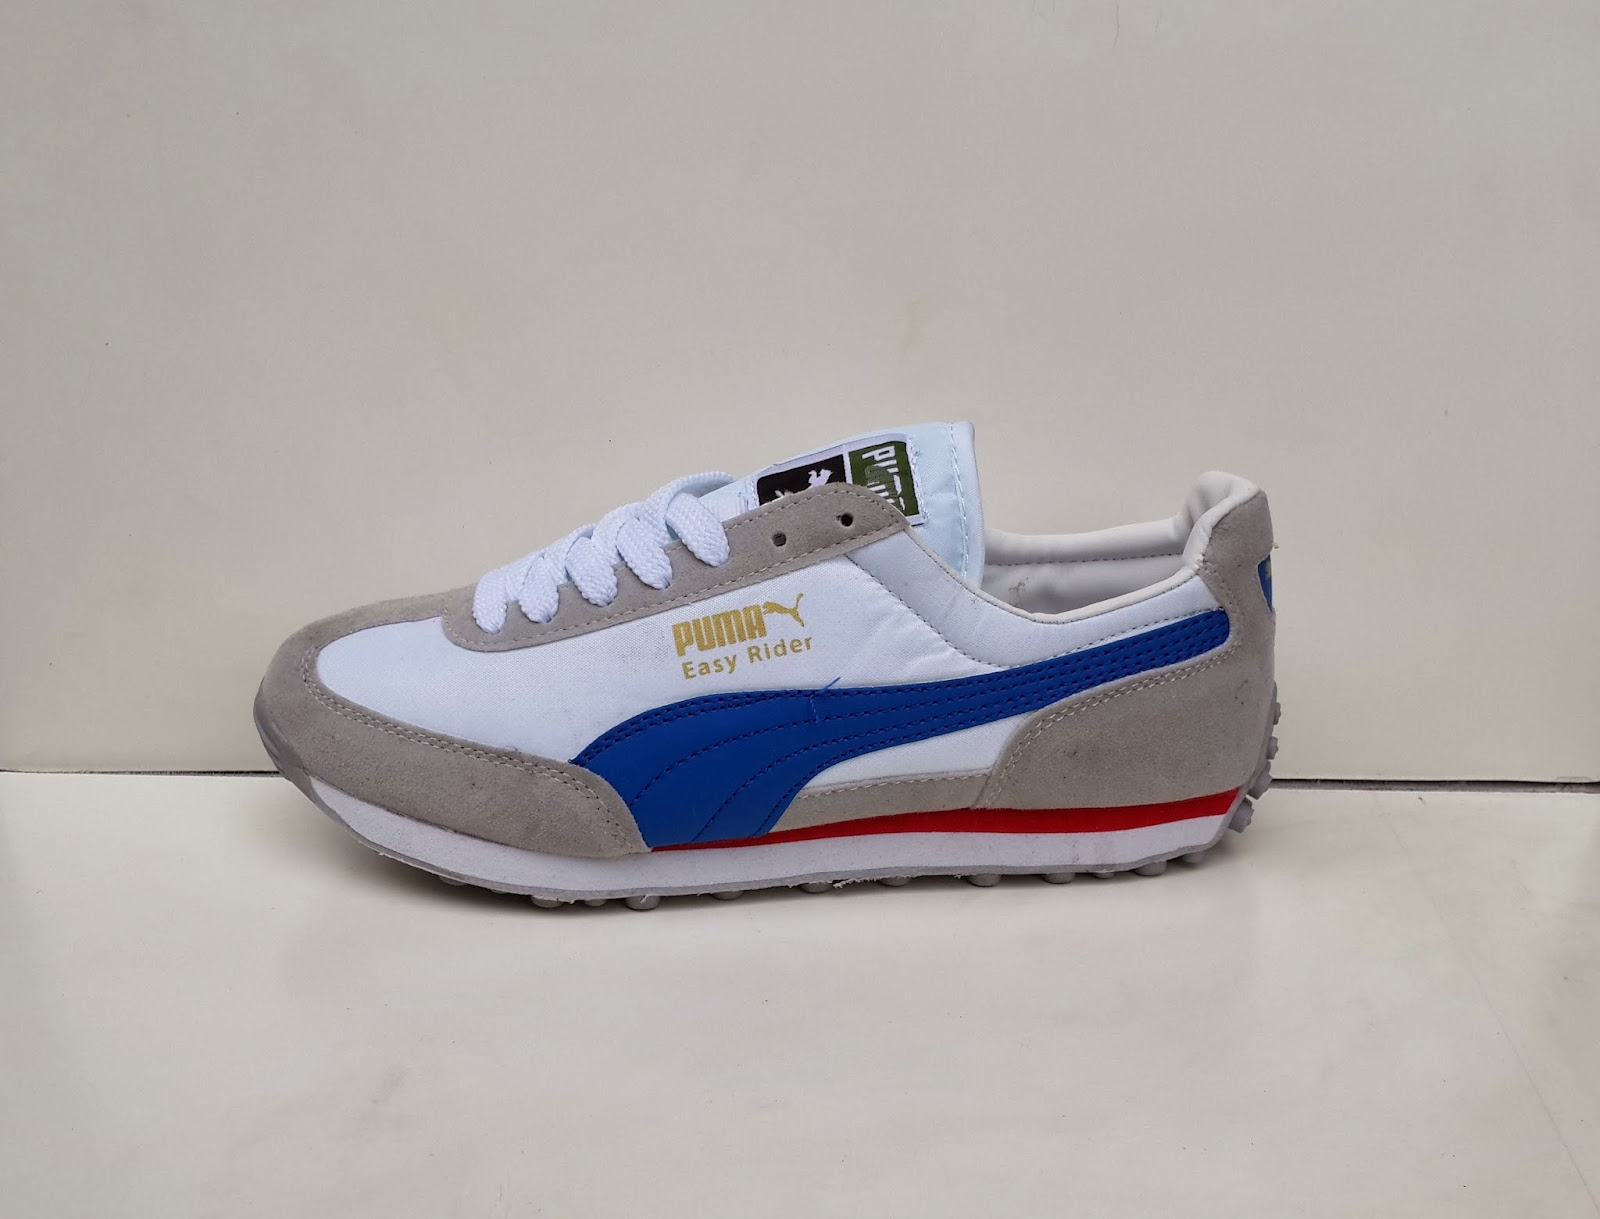 sepatu putih, sepatu sekolah, sepatu gaya, toko sepatu, gambar sepatu puma, puma putih dan merah